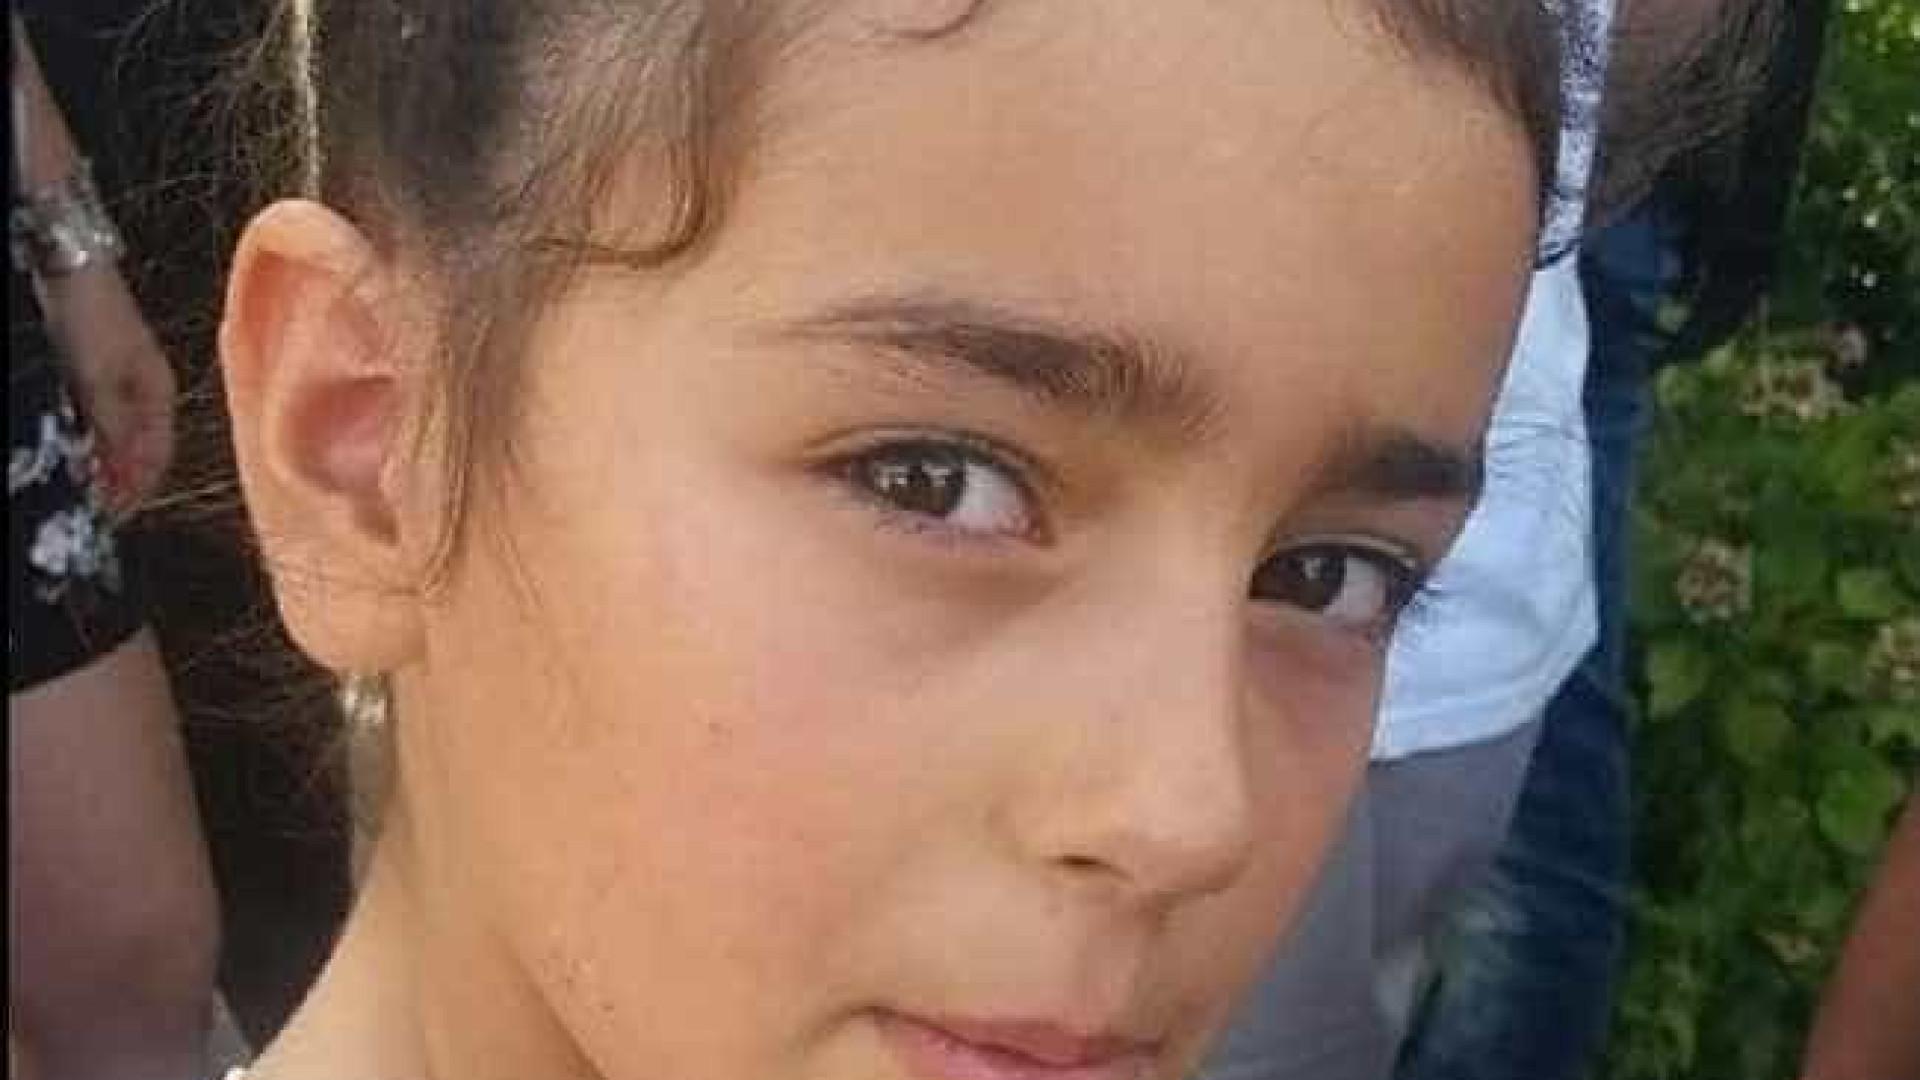 Nordahl Lelandais confessou ter matado Maëlys de Araújo